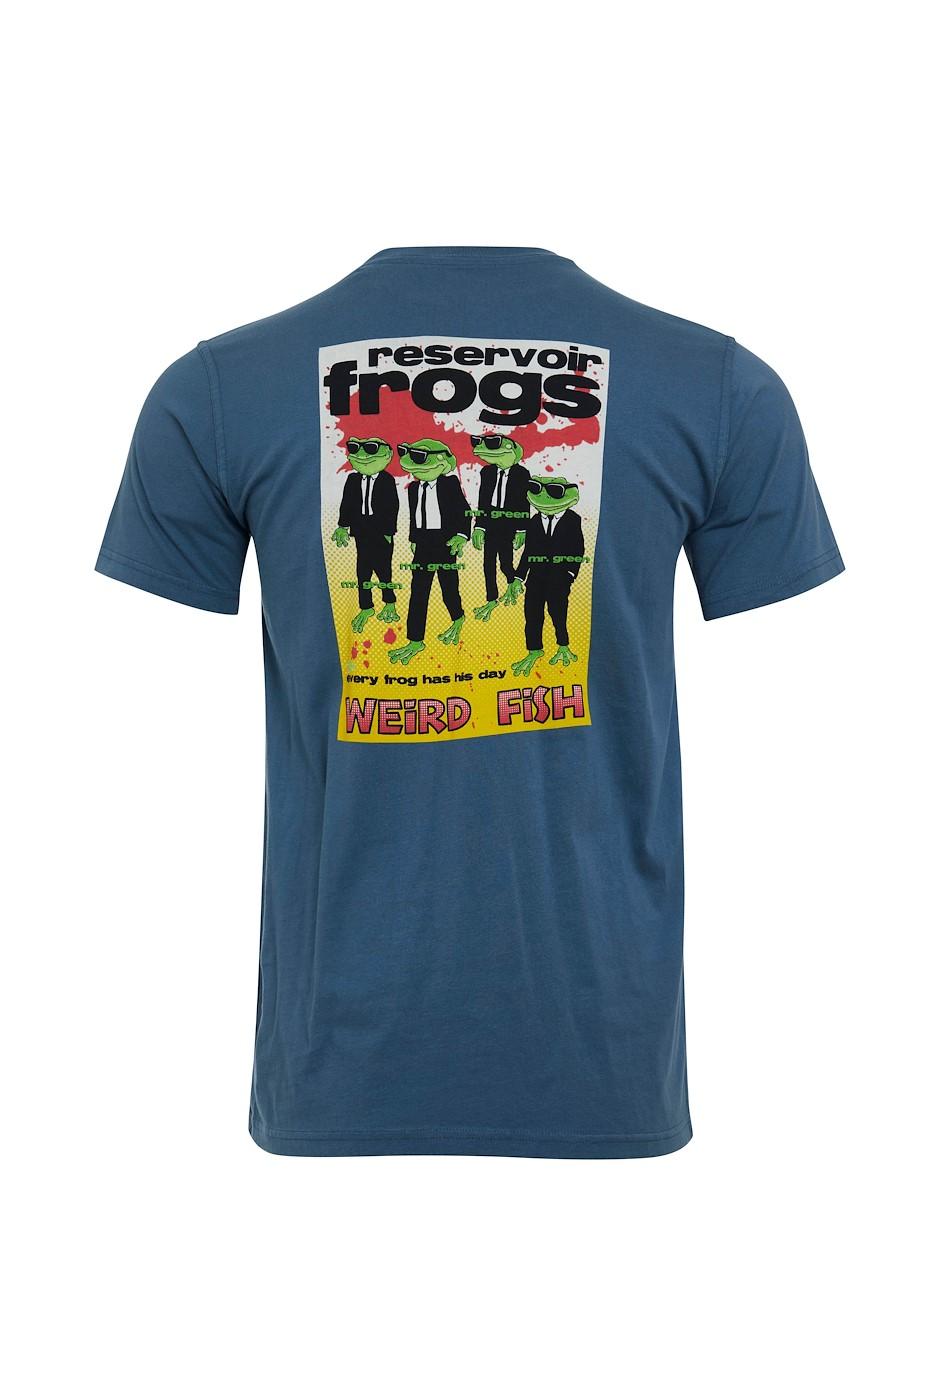 Reservoir Frogs Organic Cotton Artist T-Shirt Blue Mirage